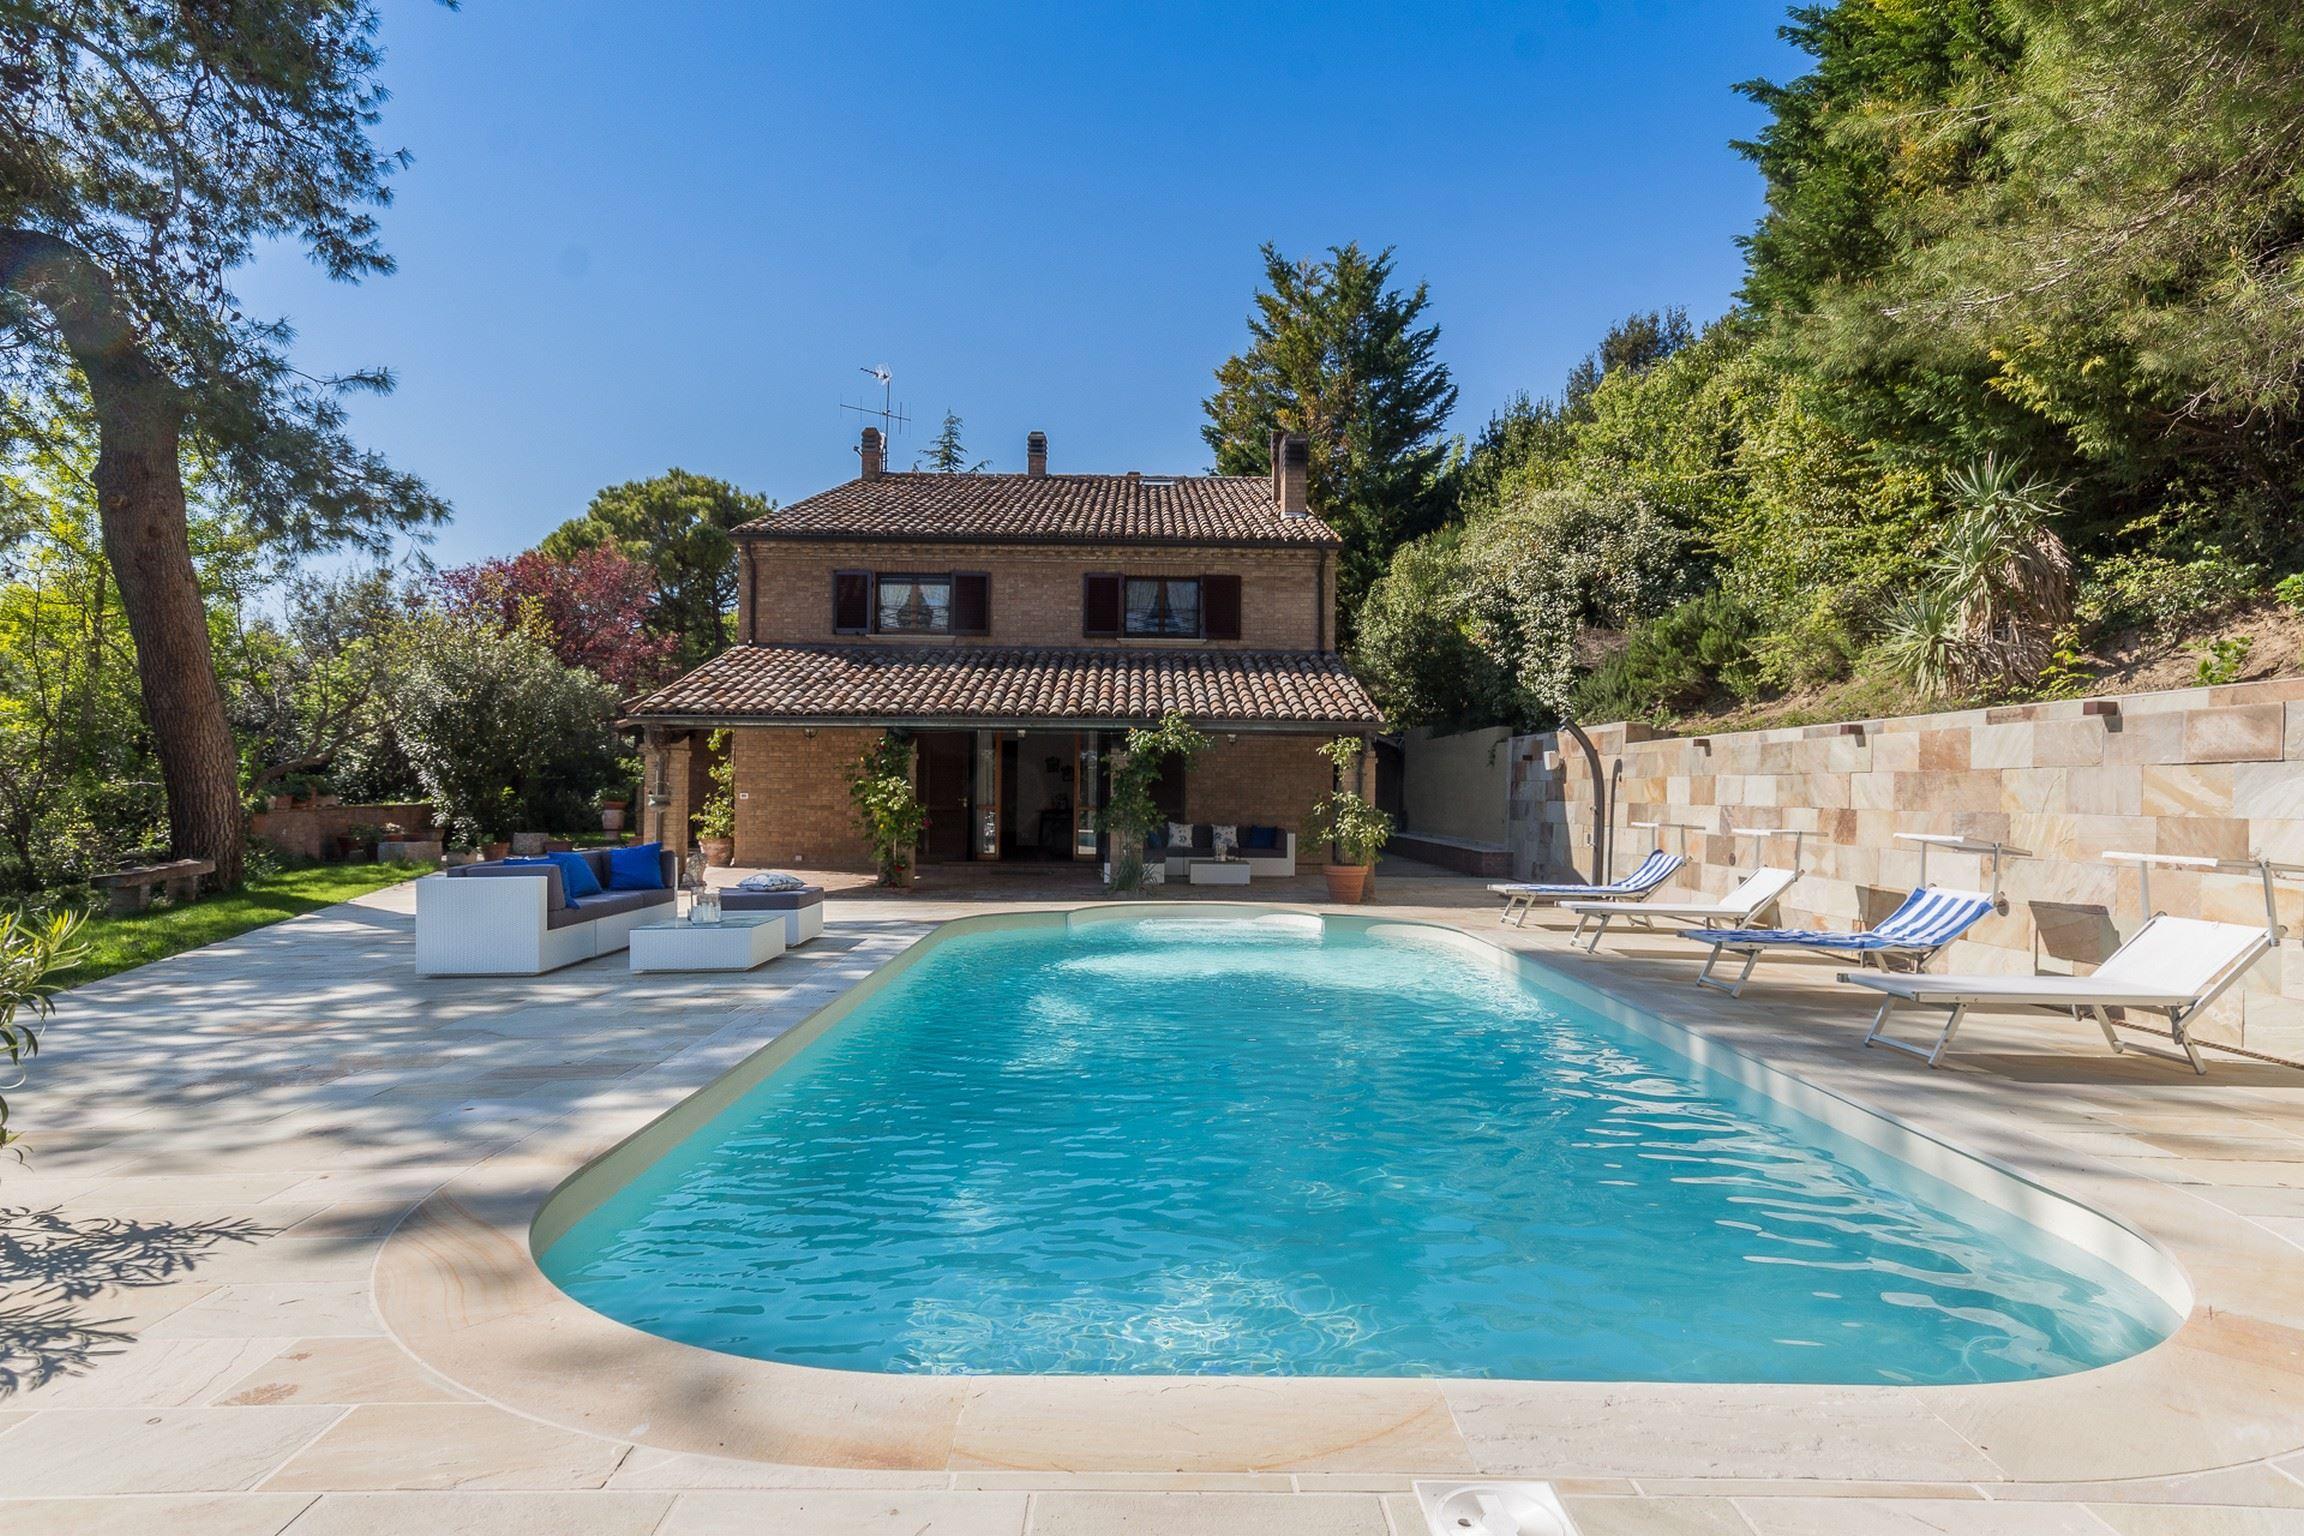 Ferienhaus VILLA MARINA (2195811), Pesaro, Pesaro und Urbino, Marken, Italien, Bild 22